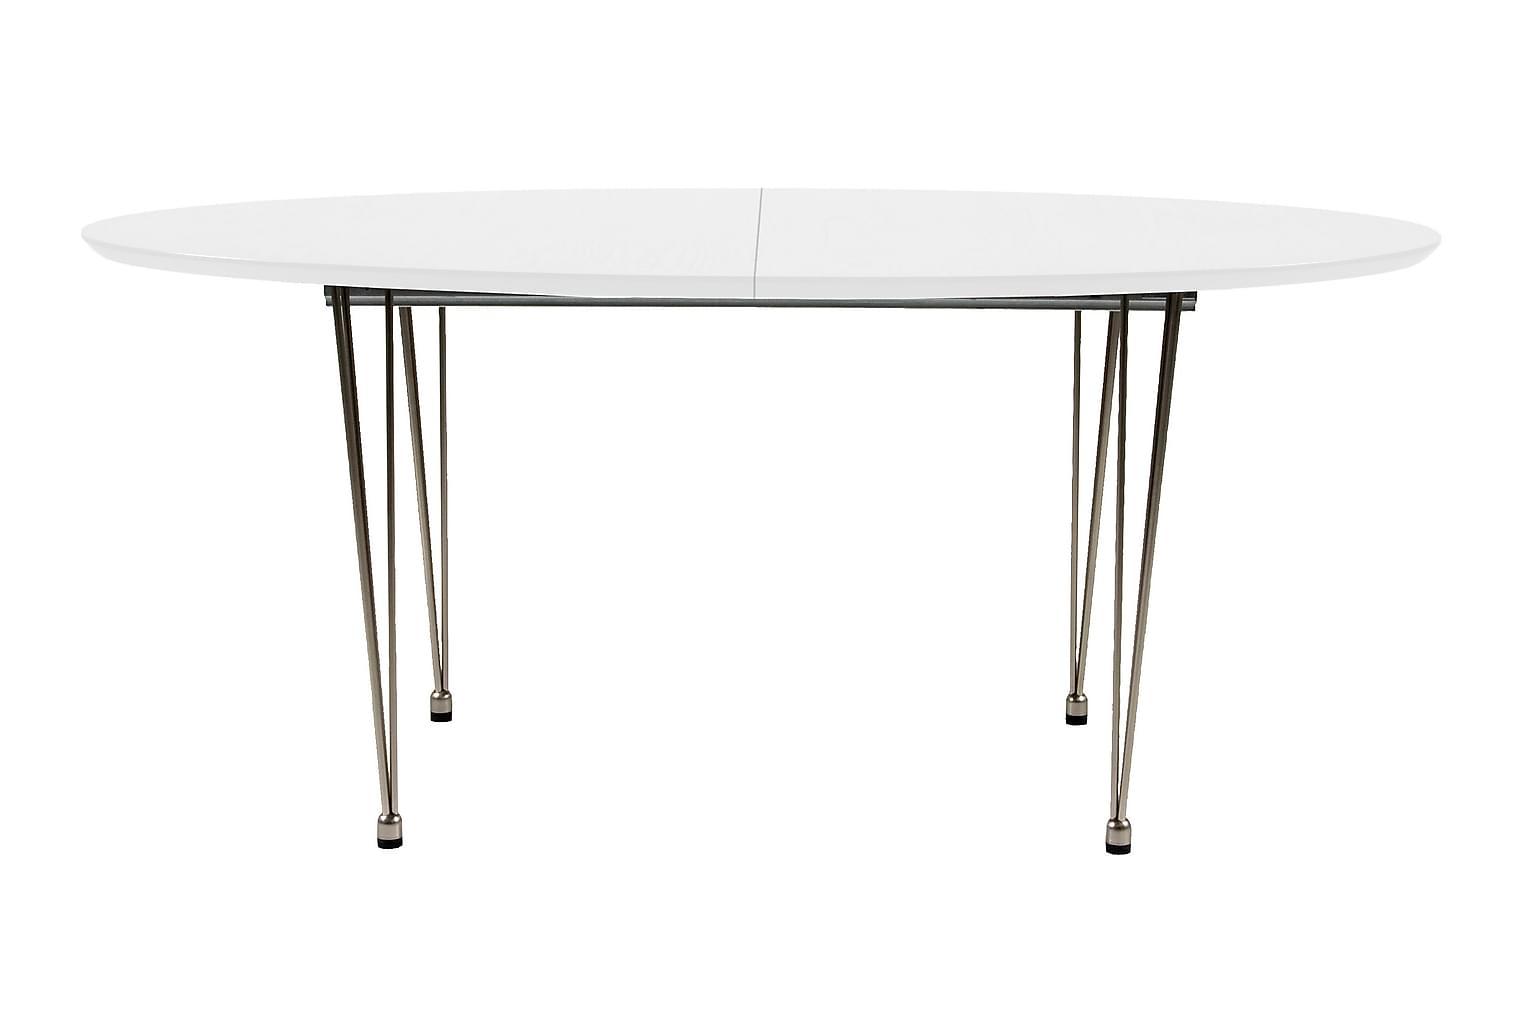 BELLTON Jatkettava pöytä 170 Valkoinen/lankajalat